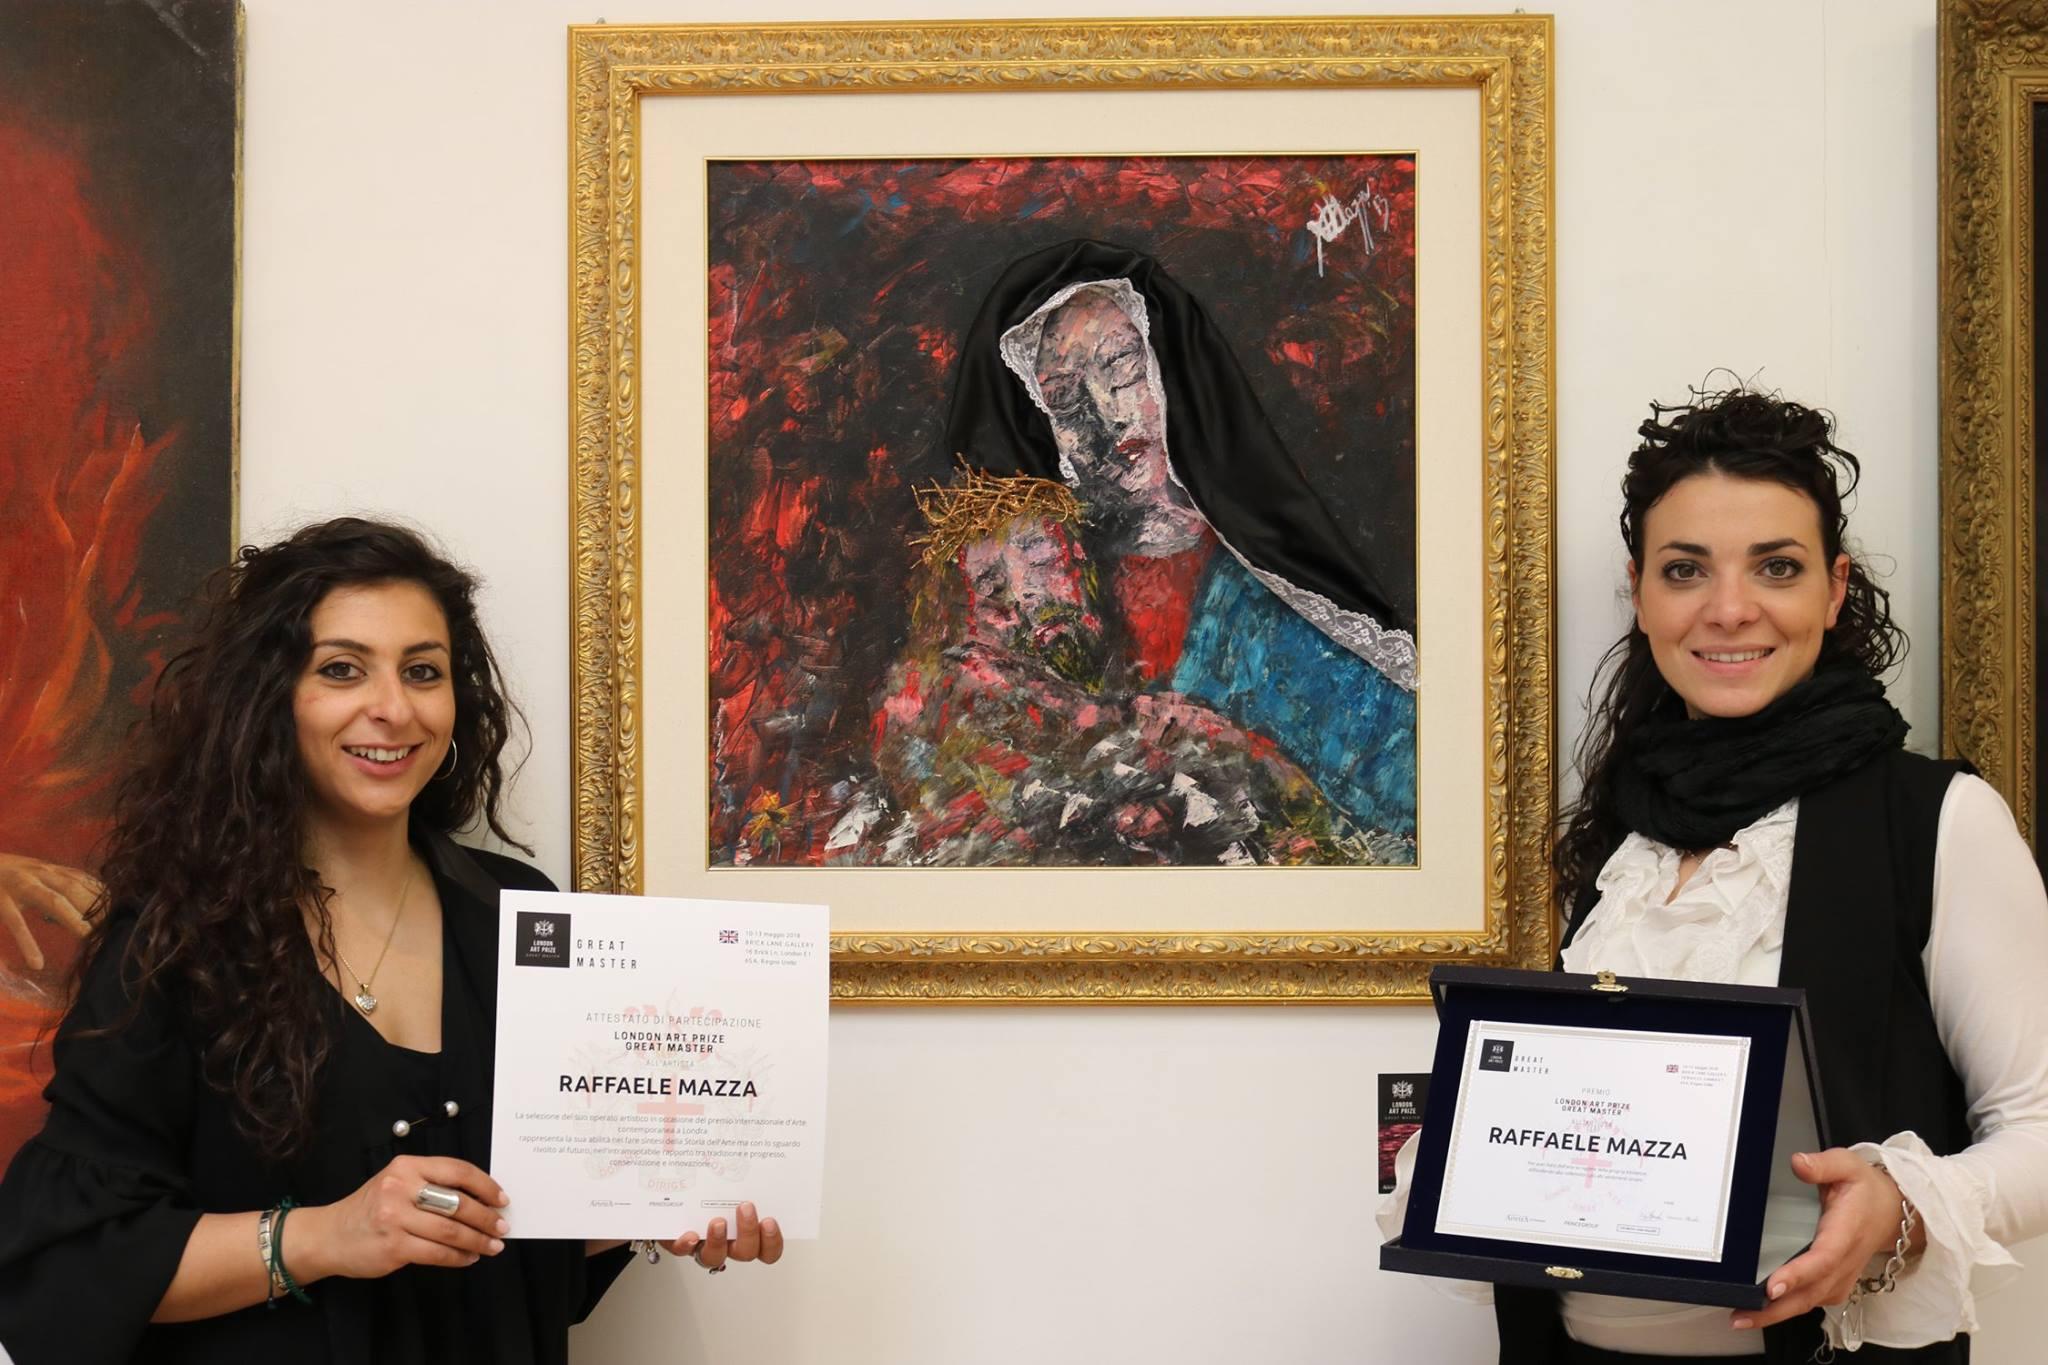 Raffaele Mazza si aggiudica il prestigioso Premio Internazionale London Art Prize Great Master